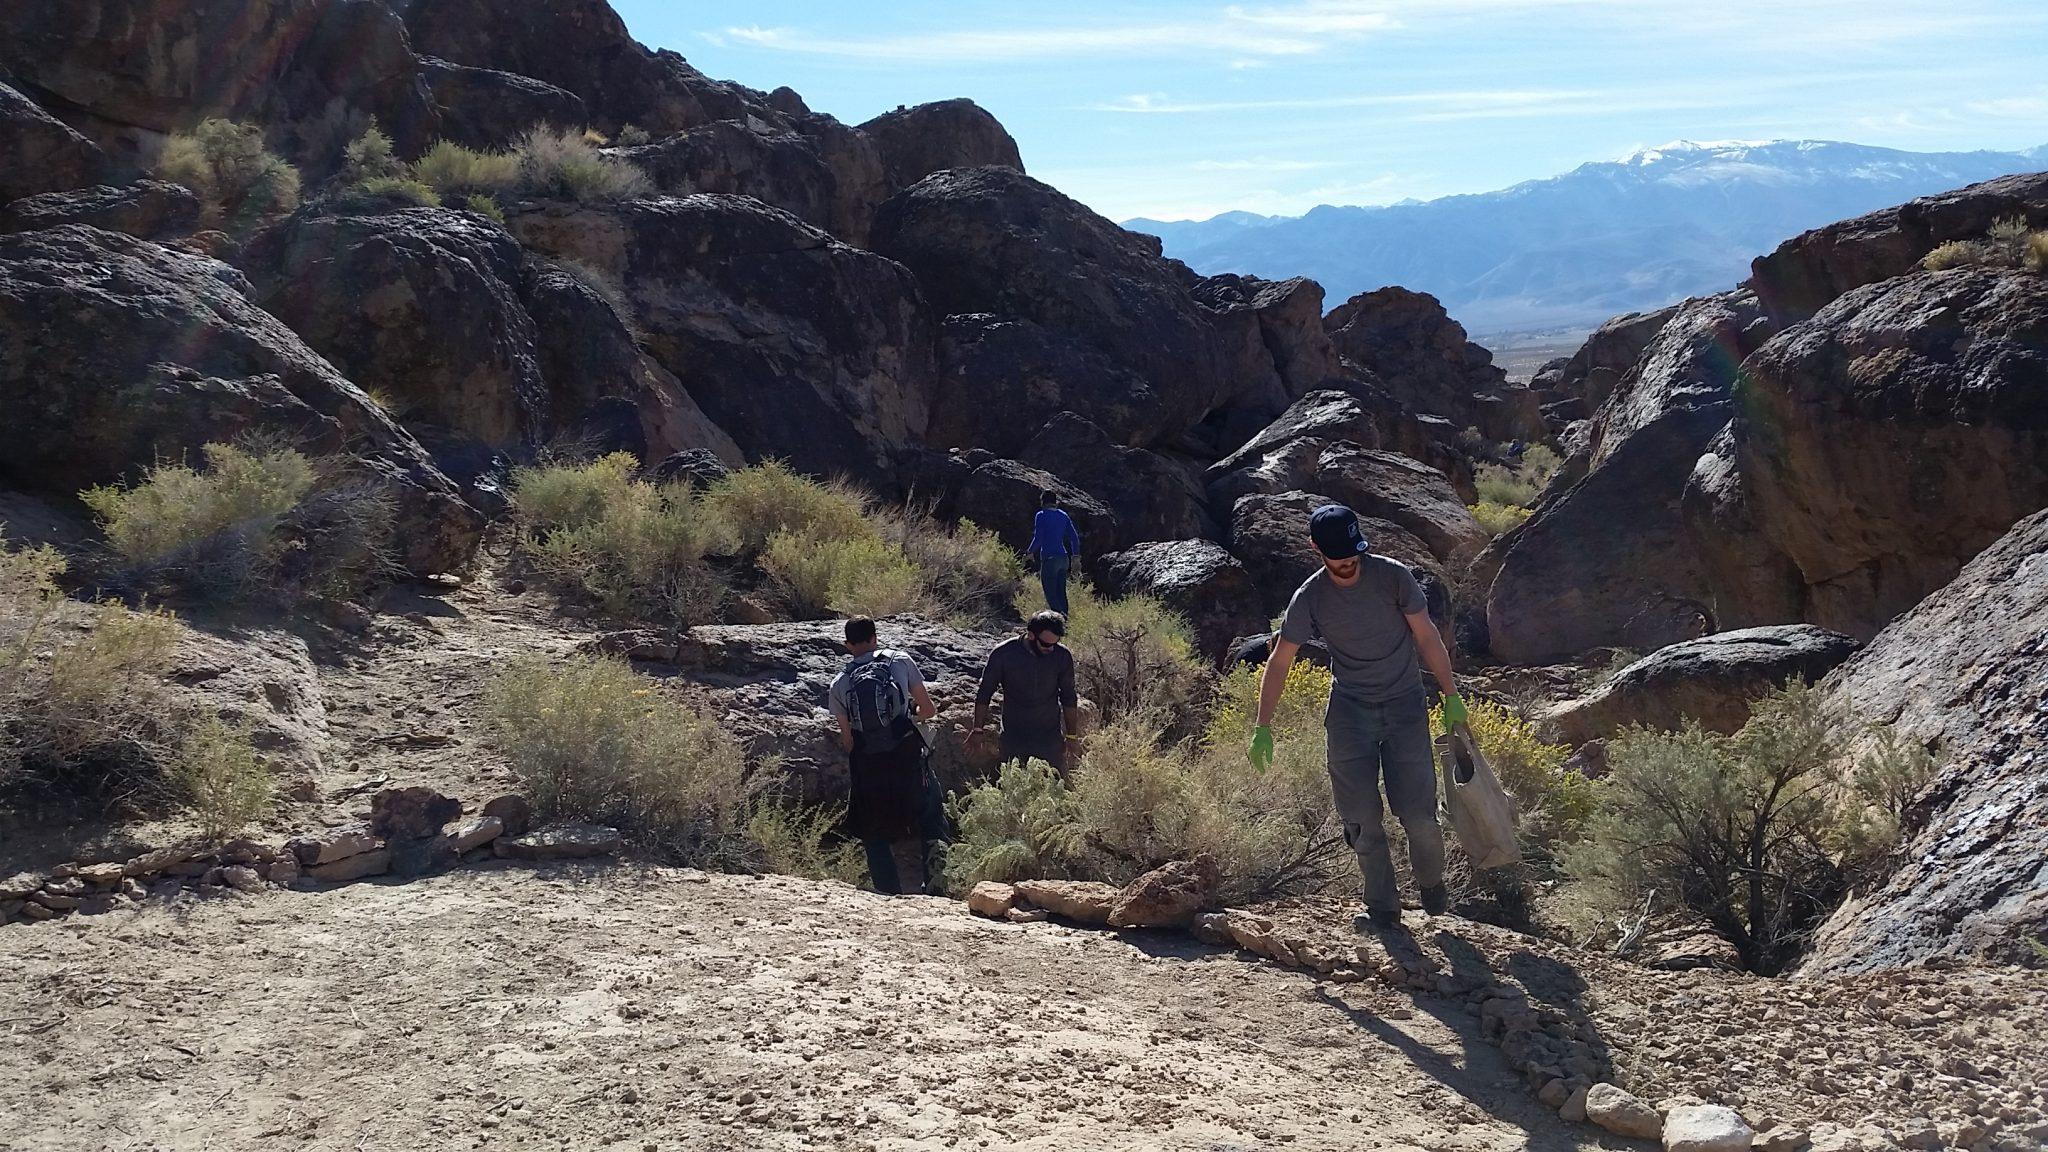 volunteers table lands carrying rocks